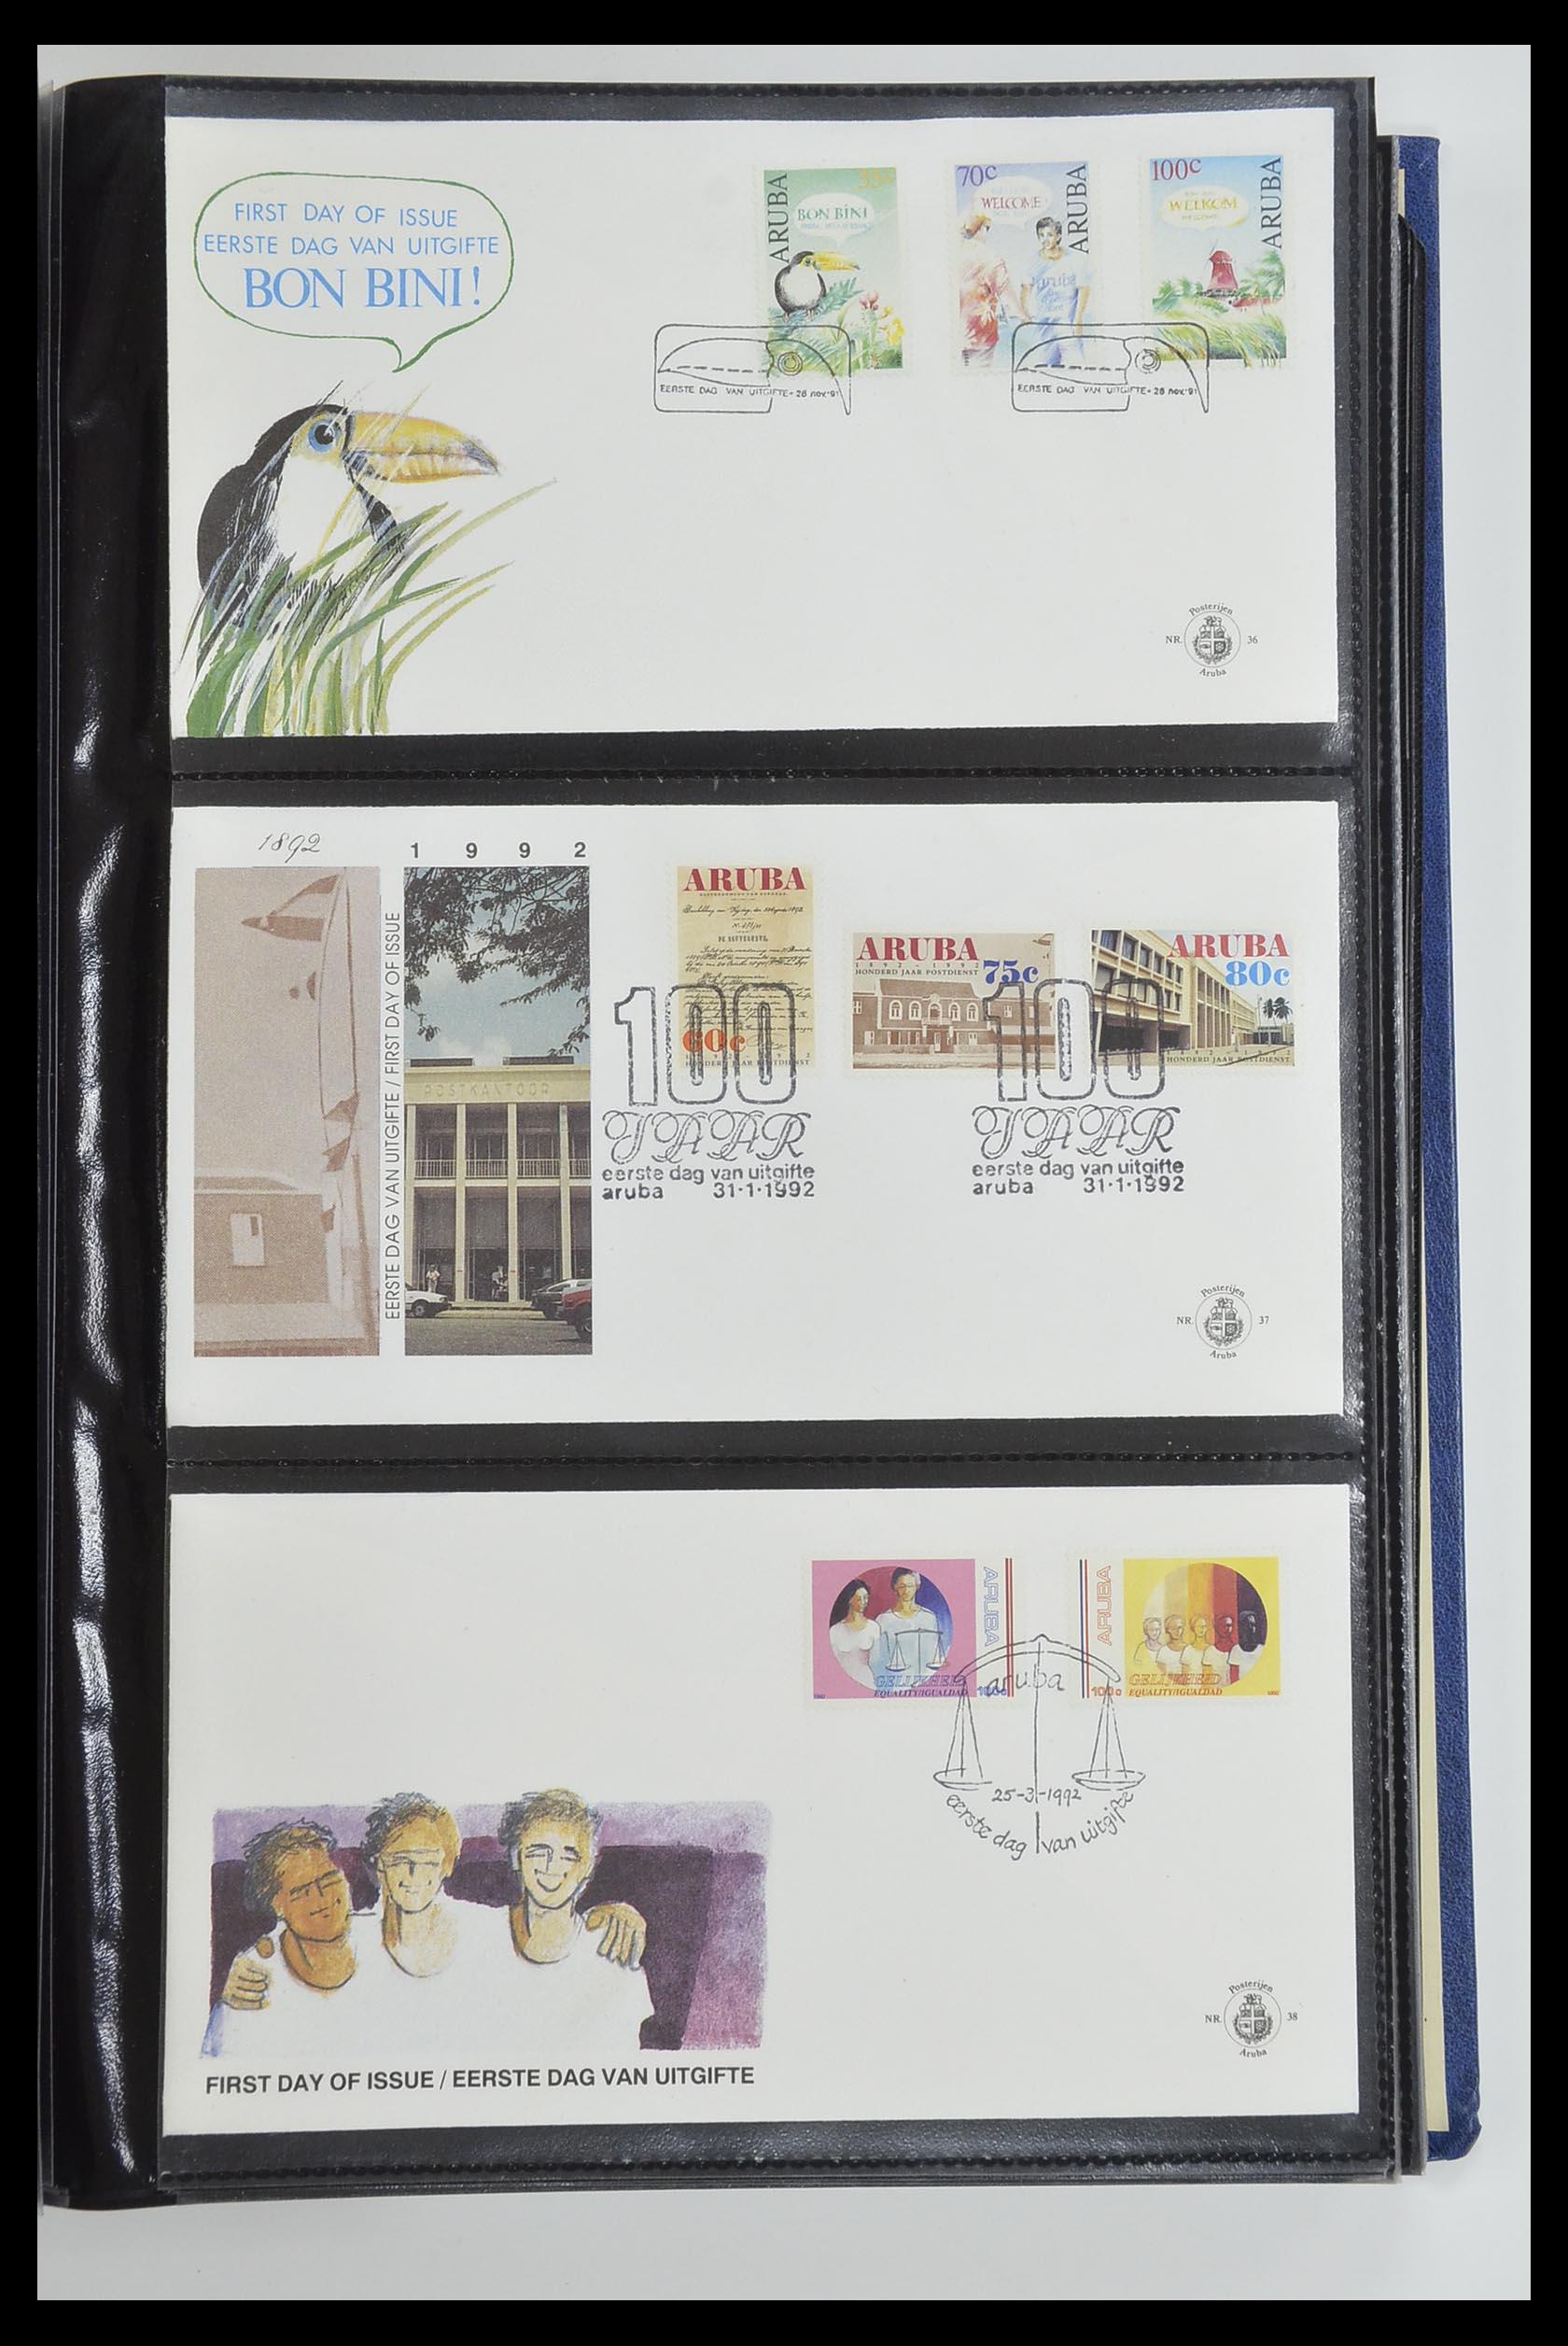 33585 013 - Postzegelverzameling 33585 Aruba FDC's 1986-2006.